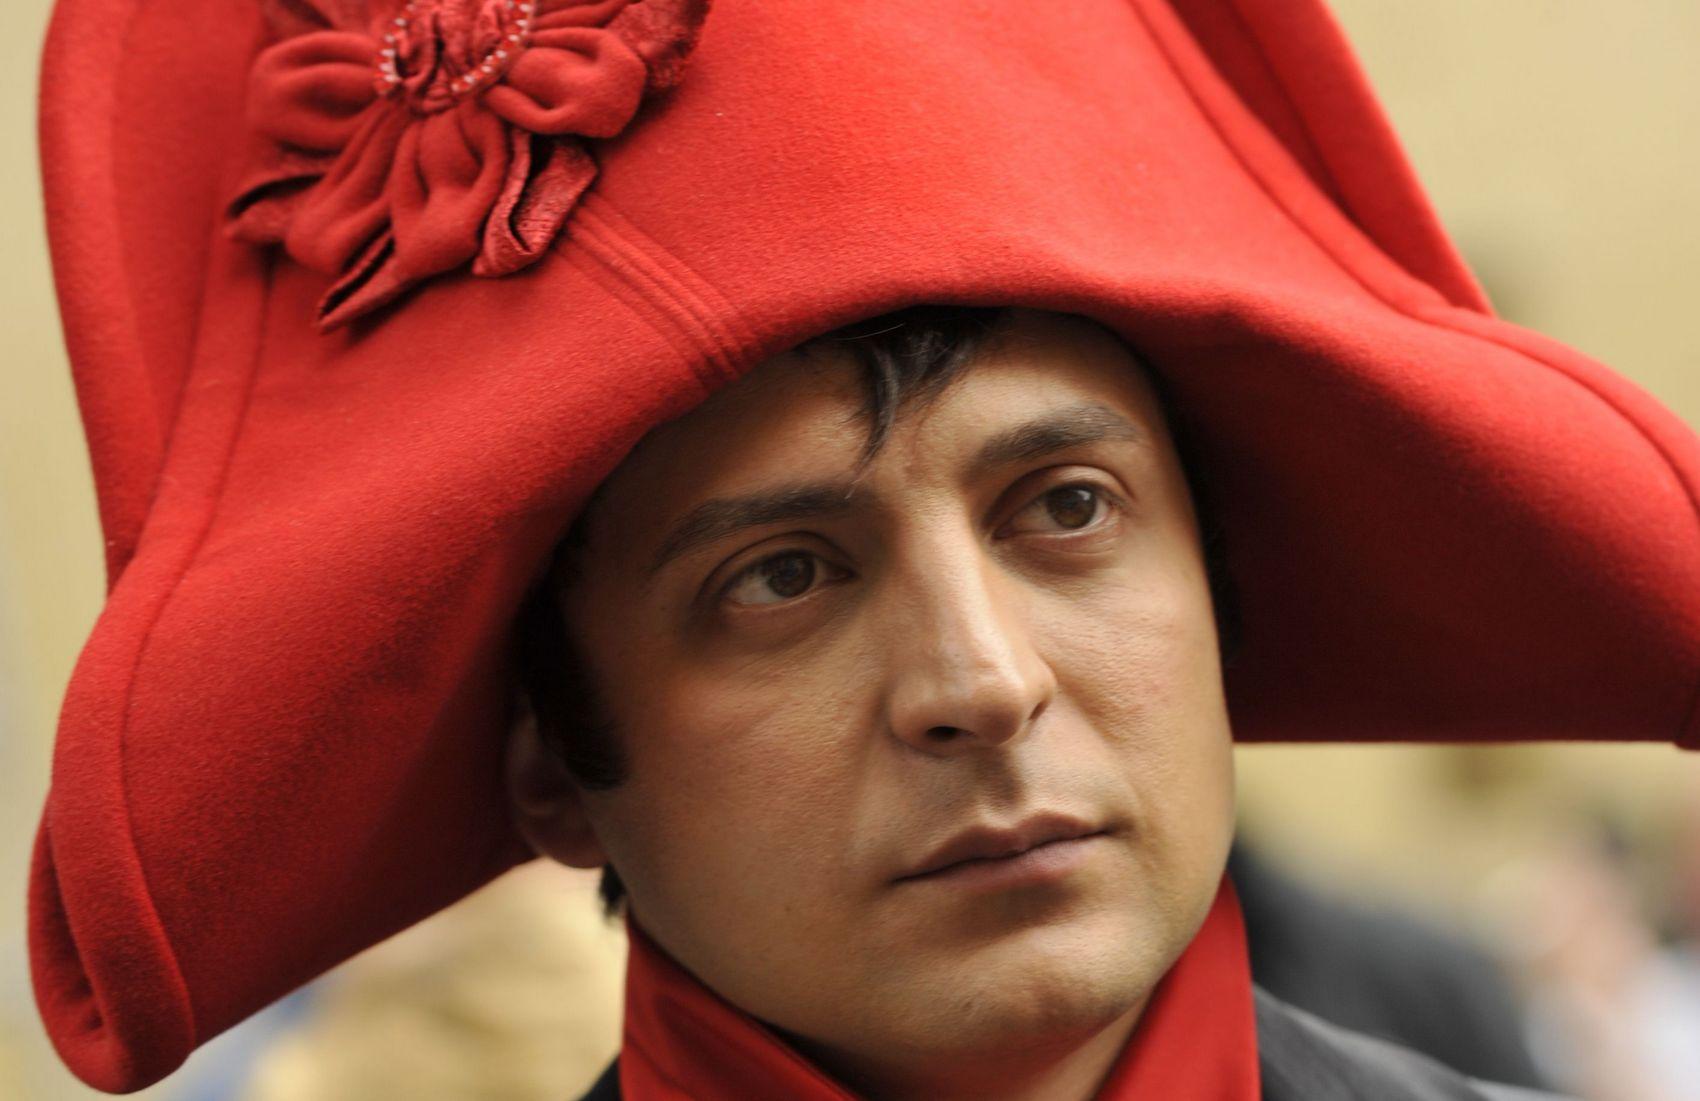 От рубахи-парня до мелкого диктатора: как офшорный скандал окончательно похоронил имидж Зеленского